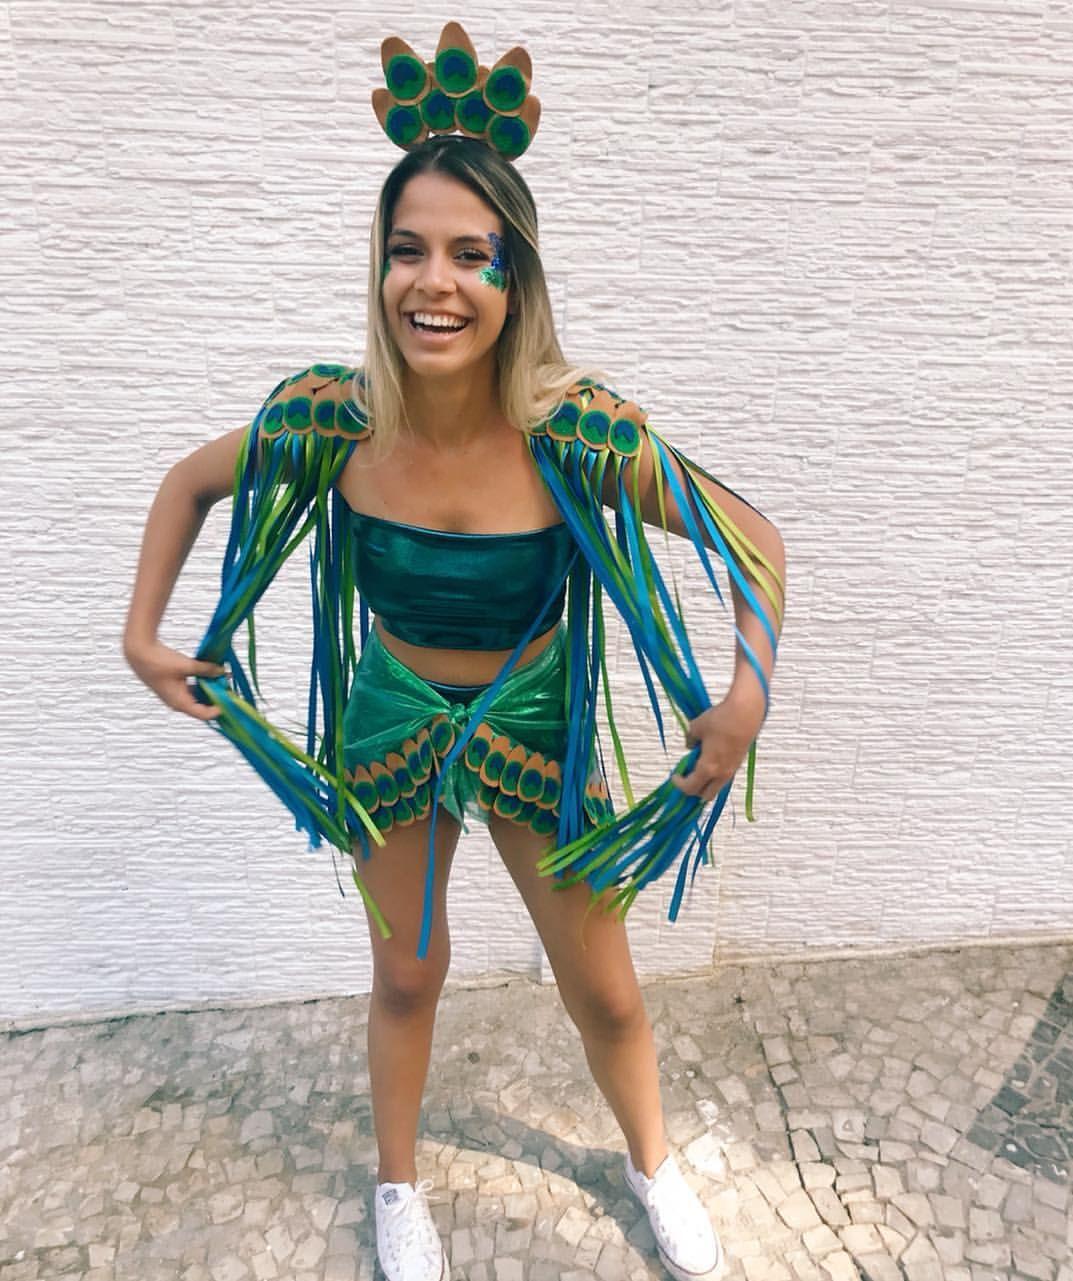 d714da38d Fantasia pro carnaval 2018 - fantasia DIY de pavão